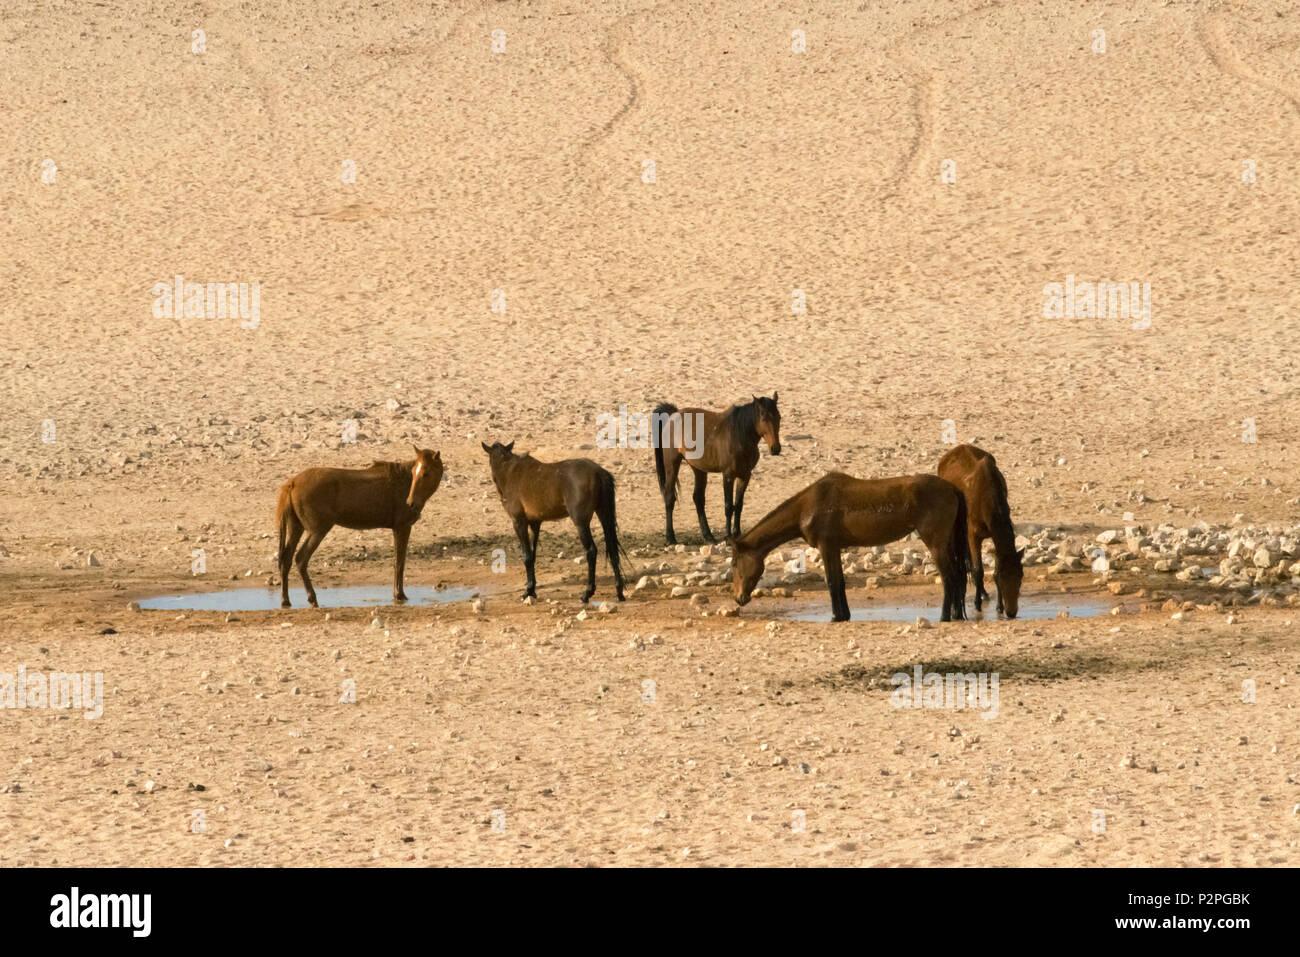 Les chevaux sauvages du désert du Namib, dans le sud de la région Karas, Namibie Photo Stock